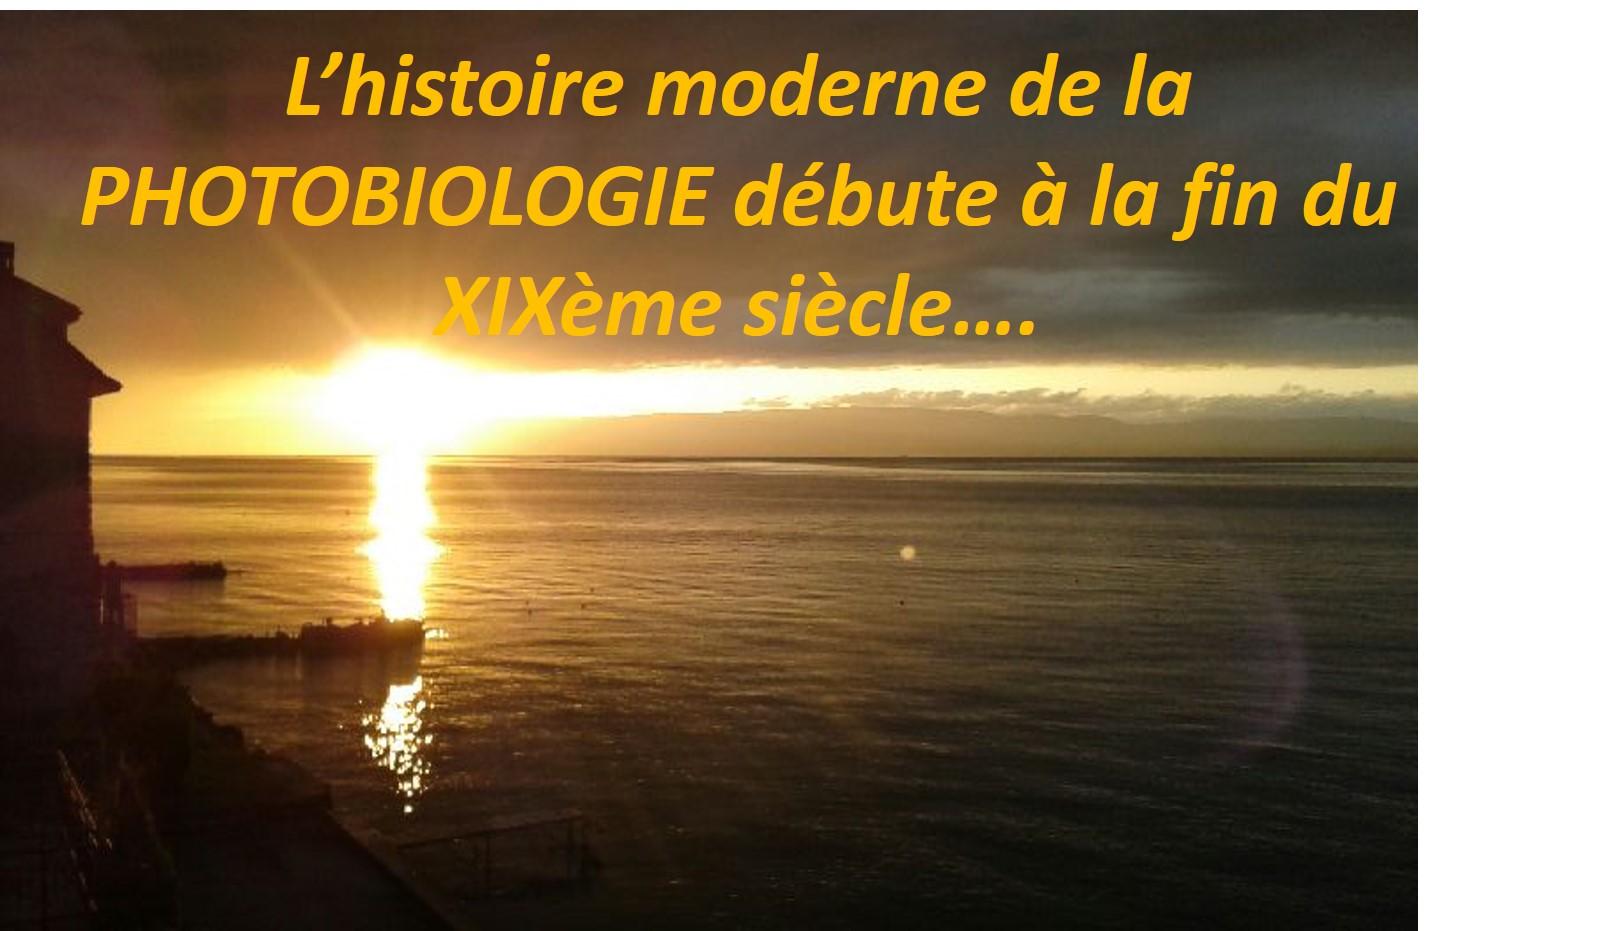 SFME 2014  - PHOTO - BIOMODULATION,  LED.......L'HISTOIRE MODERNE DE LA PHOTOBIOLOGIE DEBUTE A LA FIN DU XIXème SIECLE.... DR LUC BENICHOU